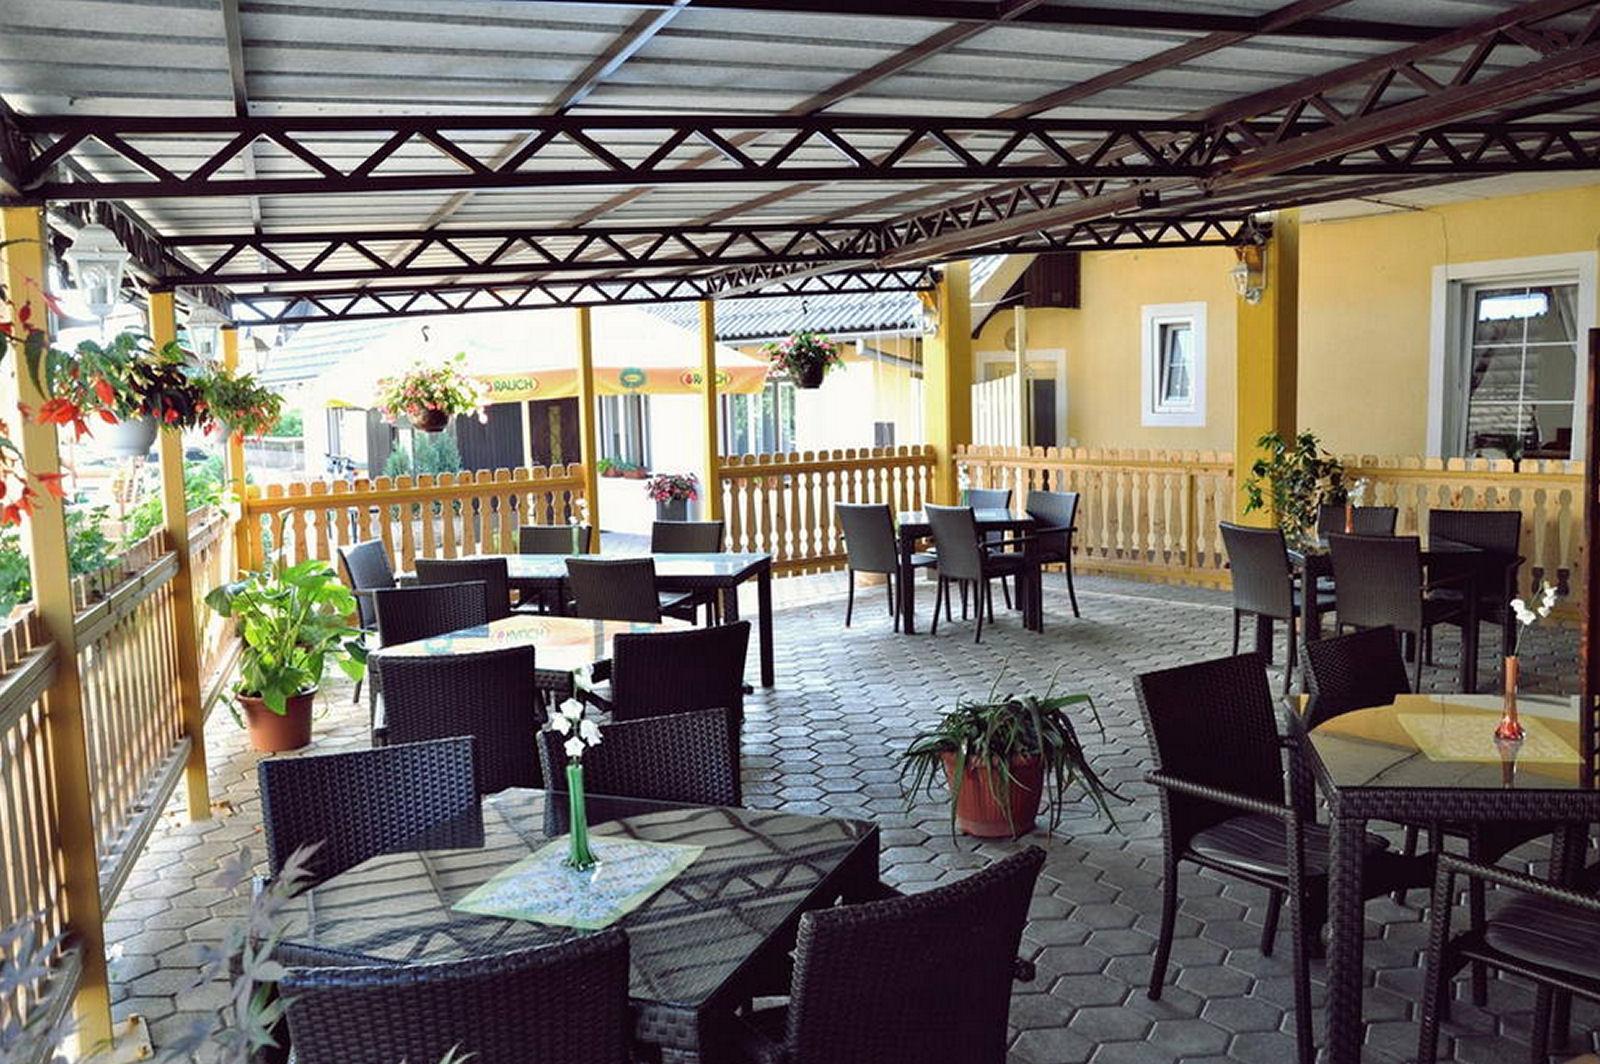 restaurant-osvald-terrace-2-zirovnica